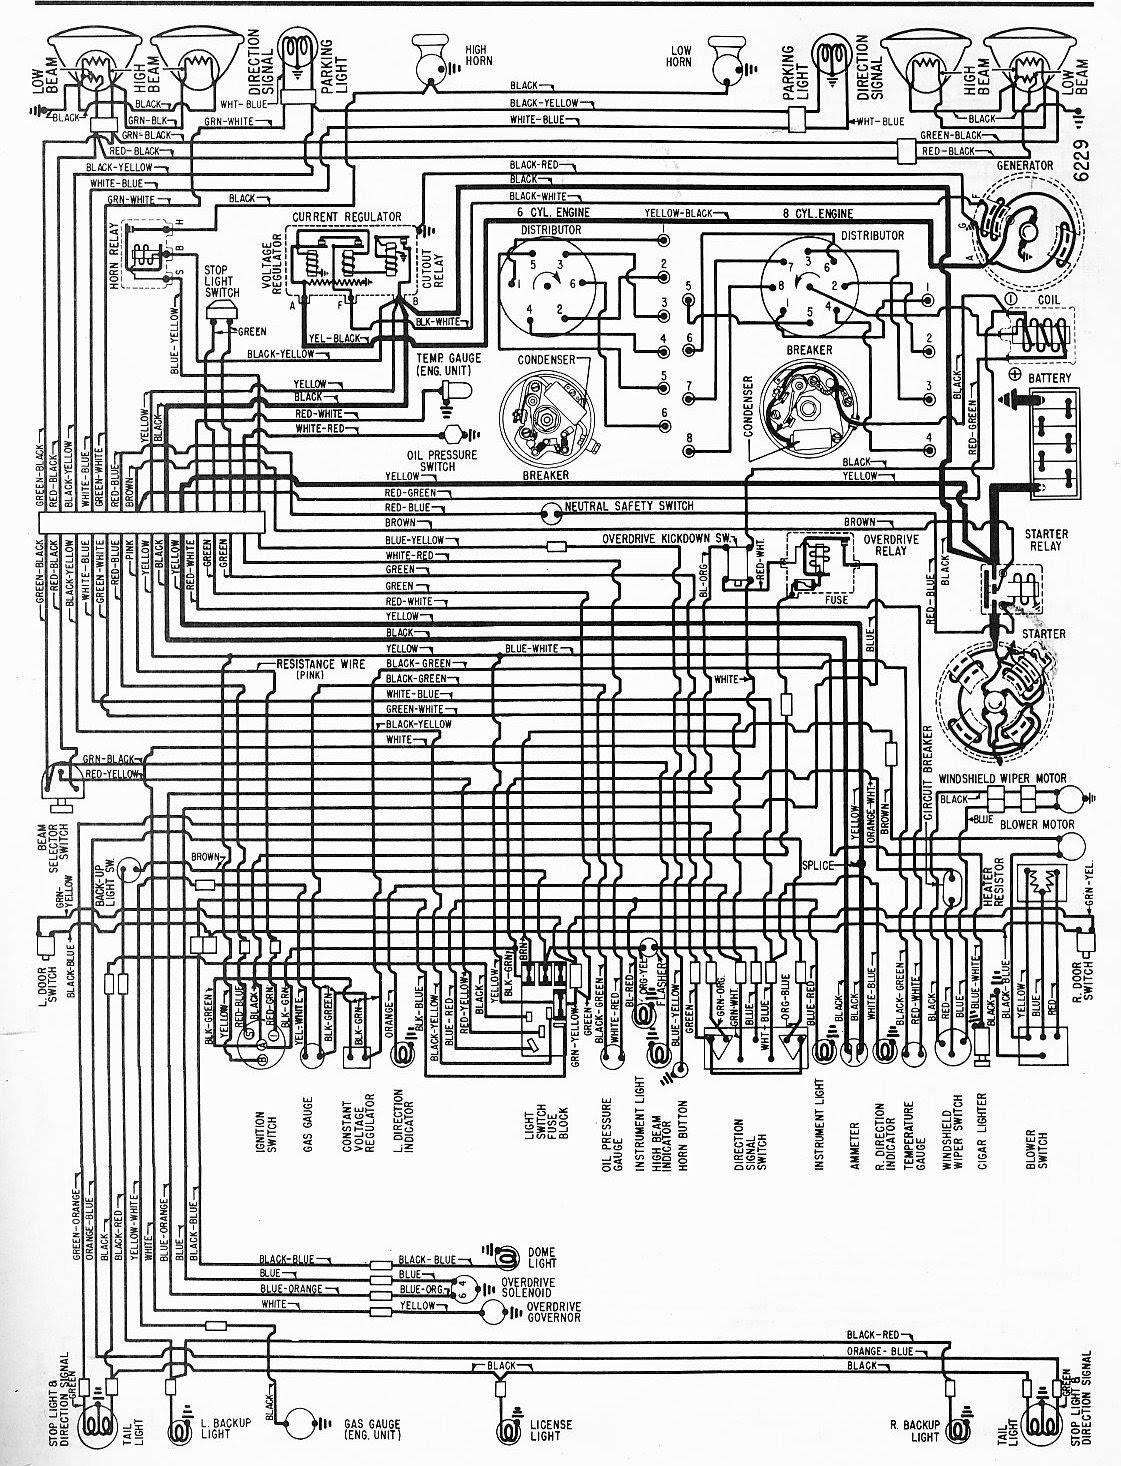 1970 Ford Ranchero Wiring Diagram Schematic Wiring 2 Schematics Plymouth Cukk Jeanjaures37 Fr